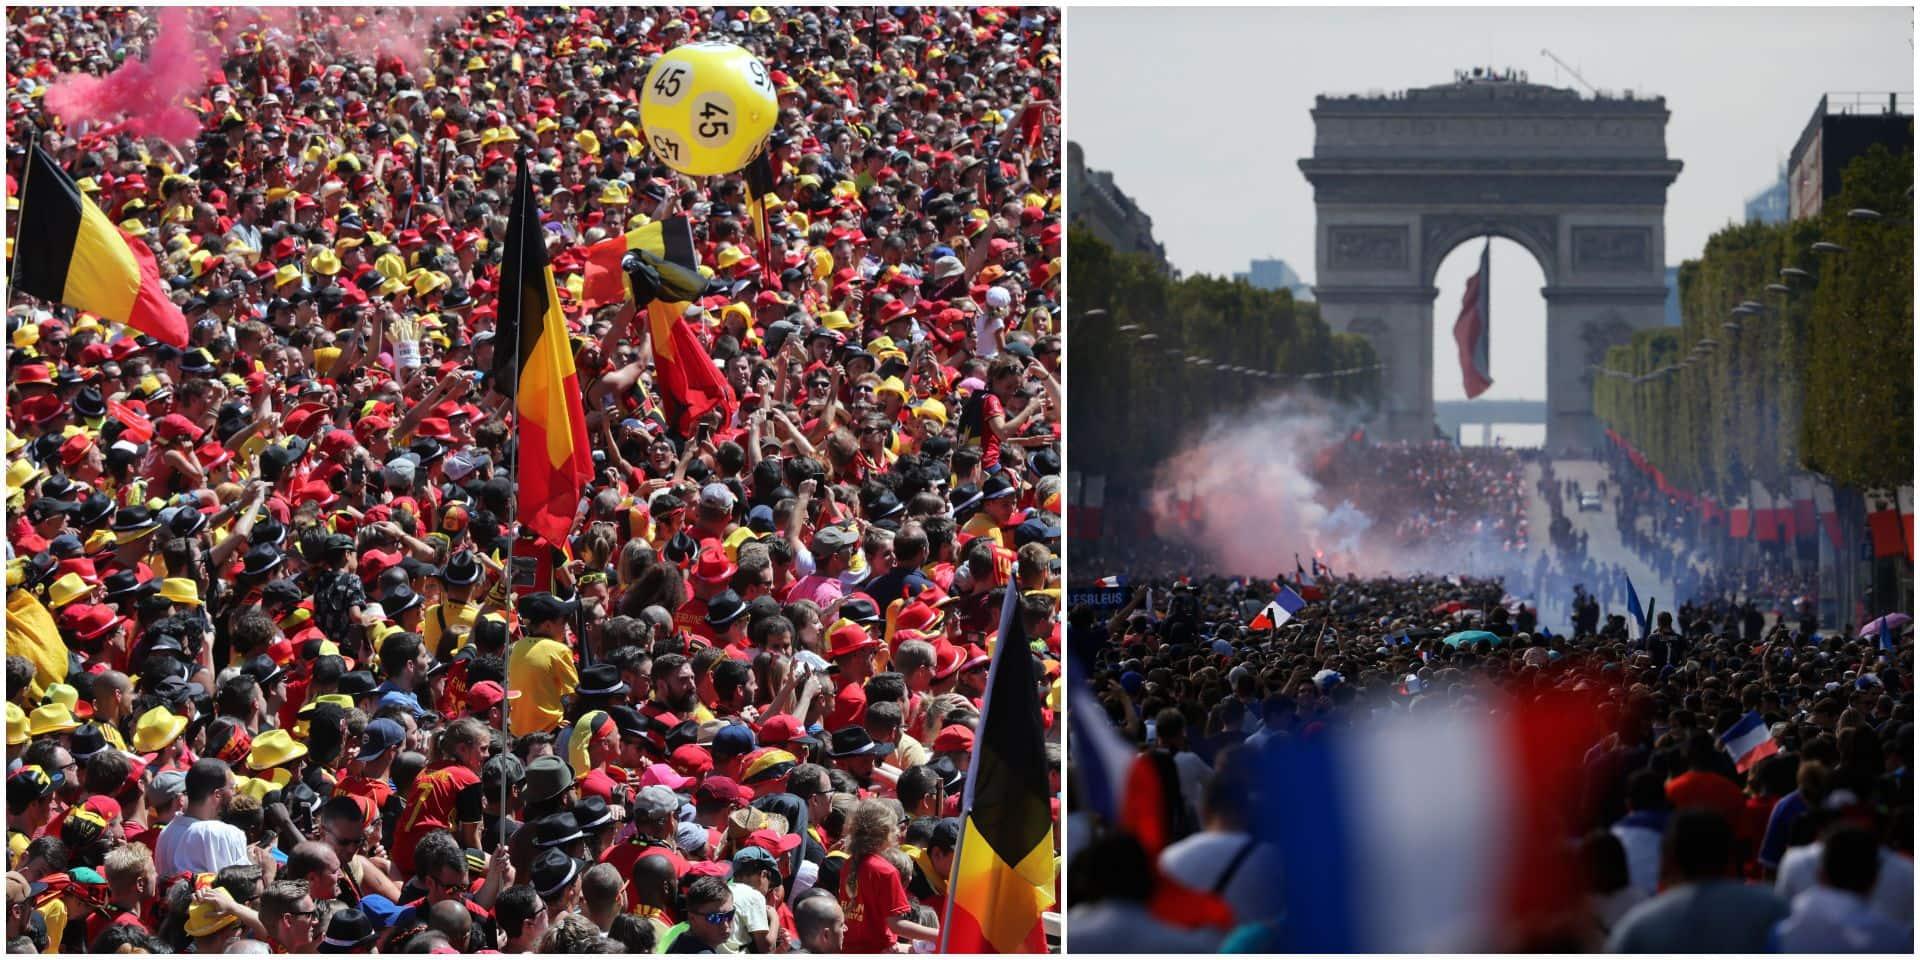 #AdopteUnBelge, #AdopteUnFrancais: un blogueur lance un appel pour la paix franco-belge